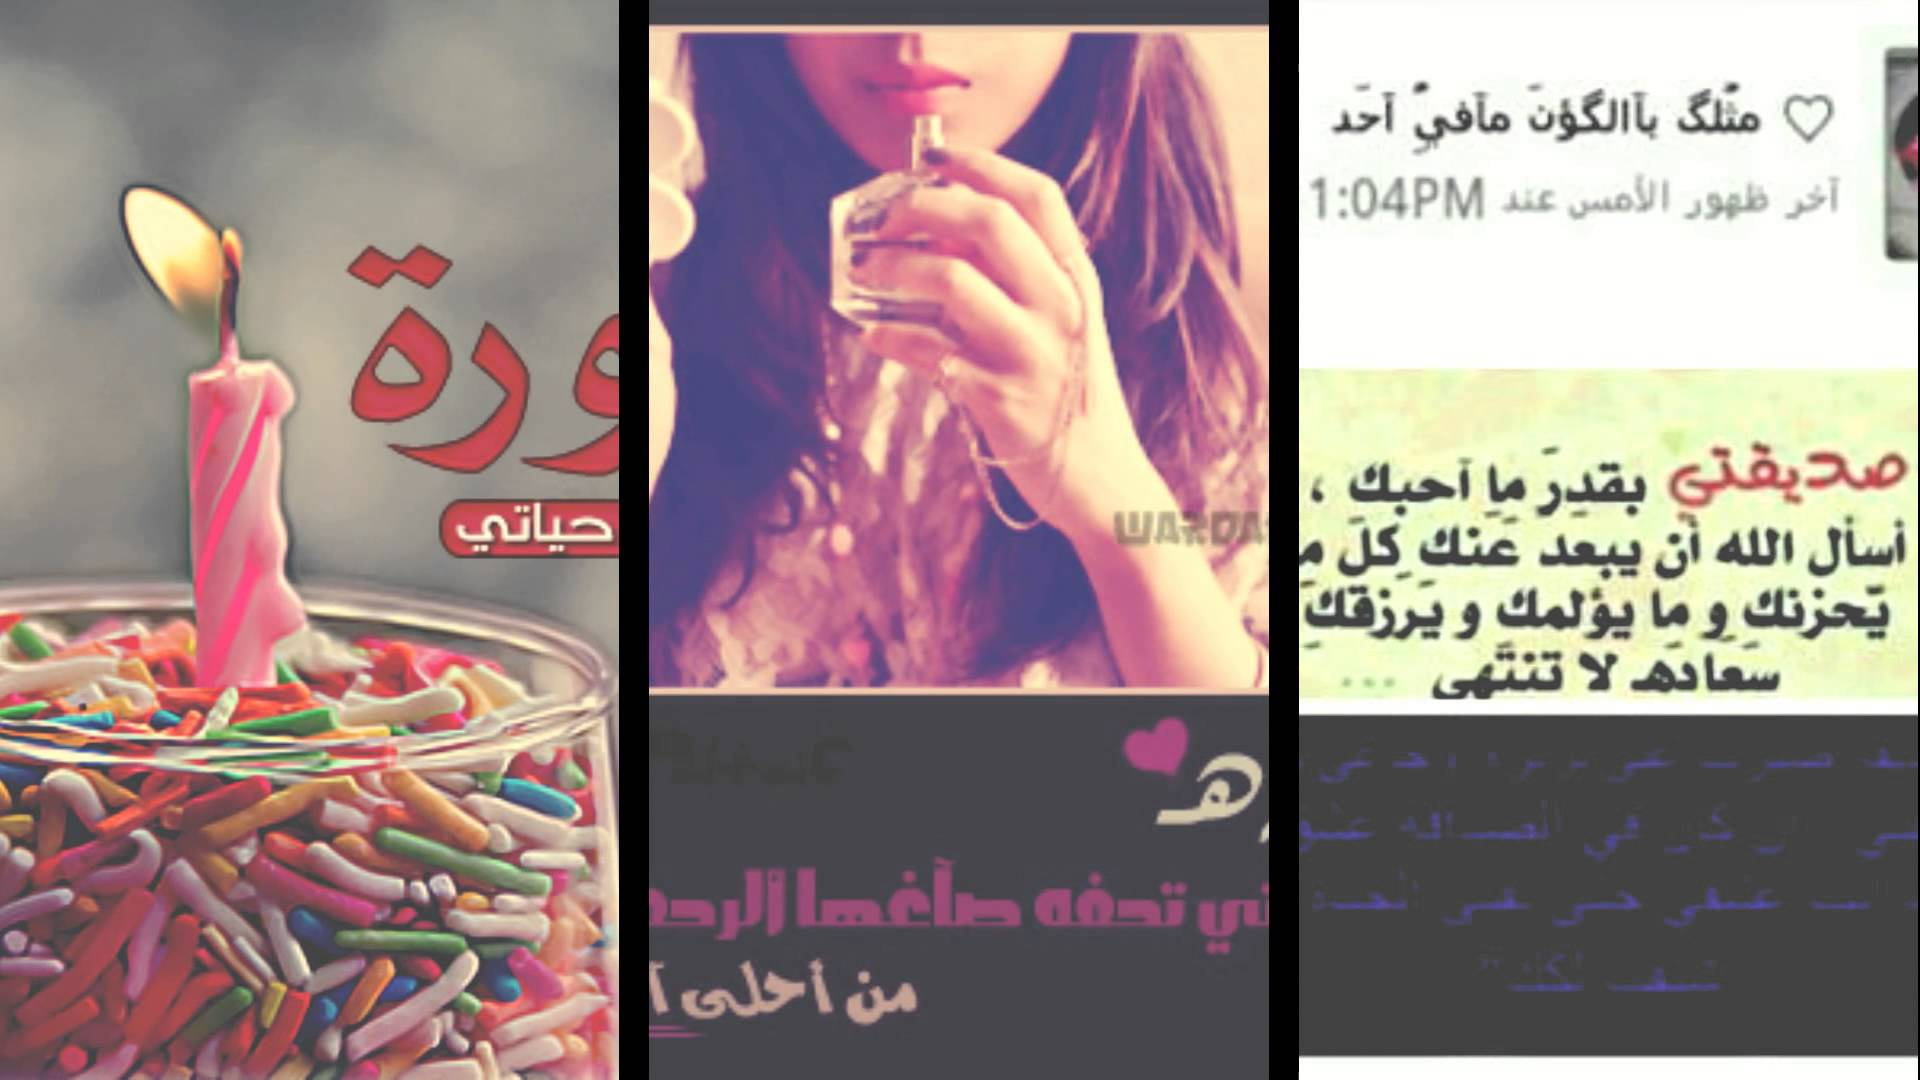 بالصور رسالة الي صديقتي , اليك يا عزيزتي يا نبض الفؤاد unnamed file 173